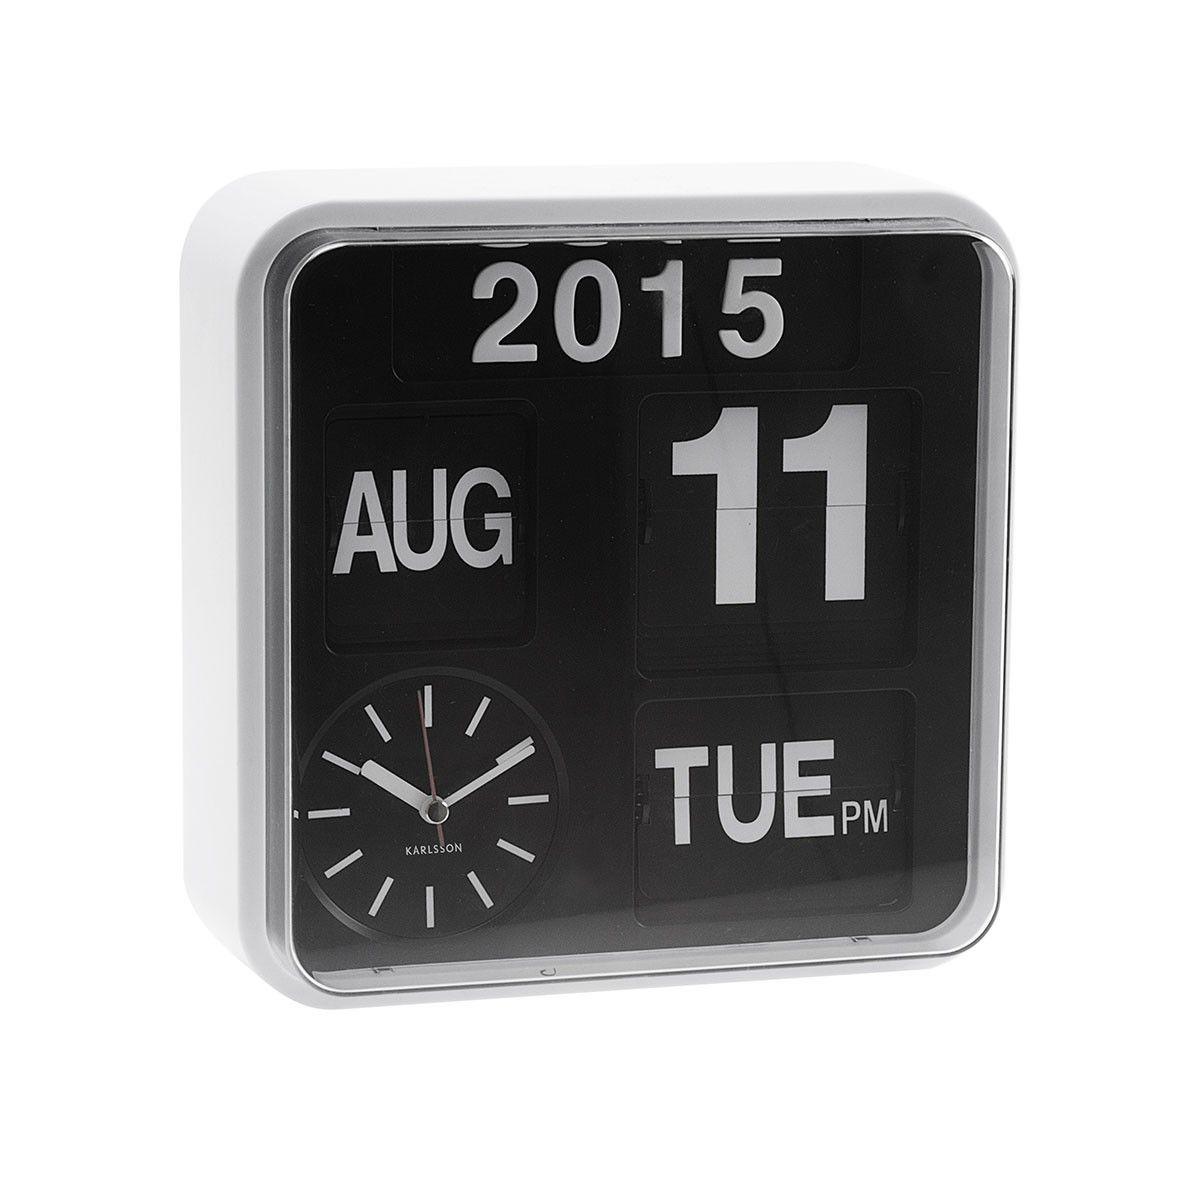 Karlsson Uhr die klappzahlenuhr ist ein echetr retro leckerbissen uhr tag